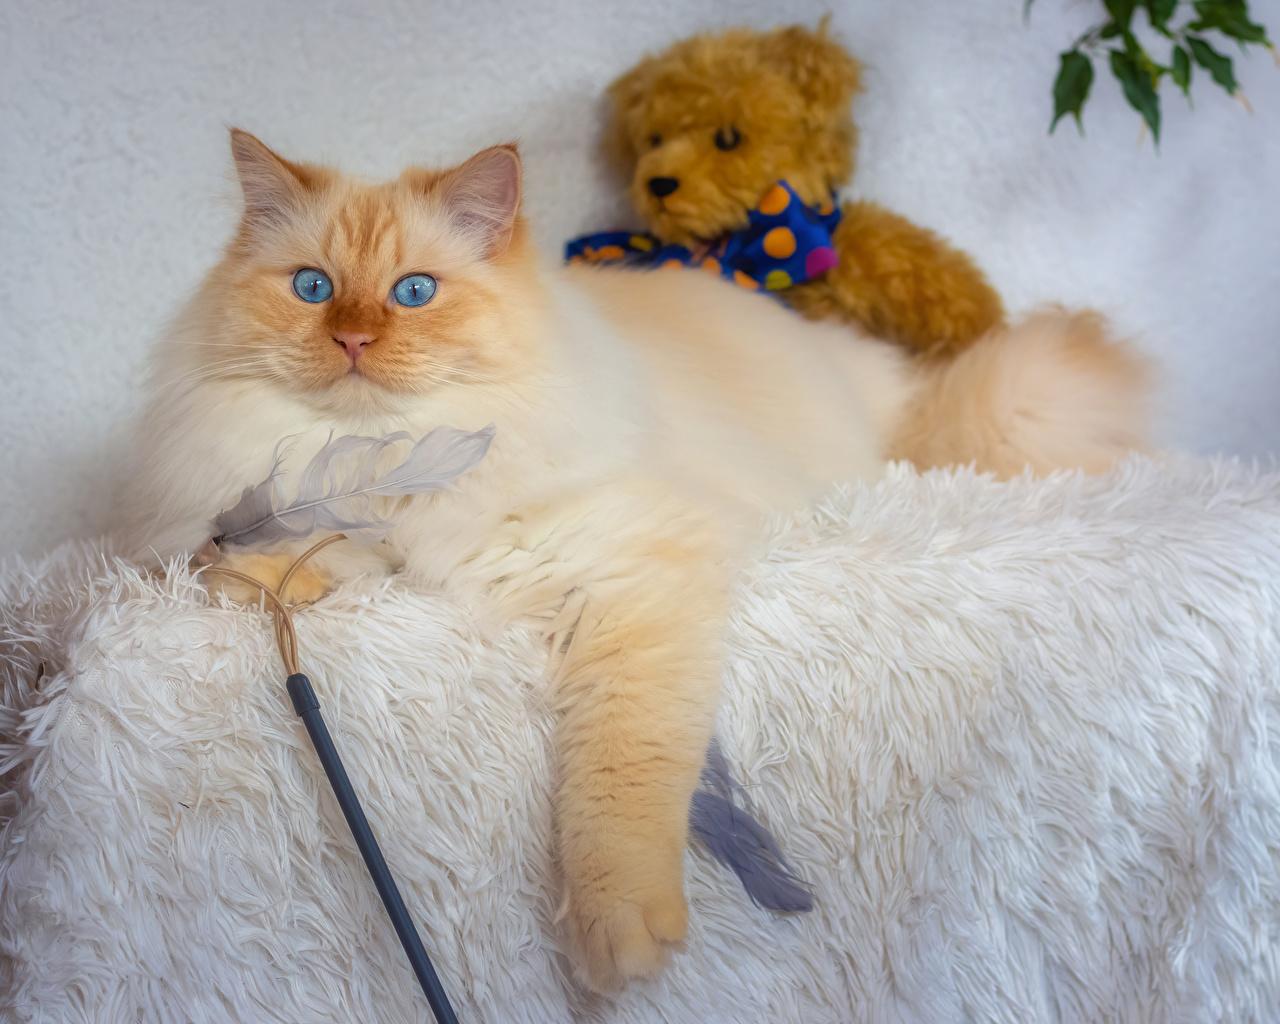 Фотография кошка Мишки животное кот коты Кошки Плюшевый мишка Животные